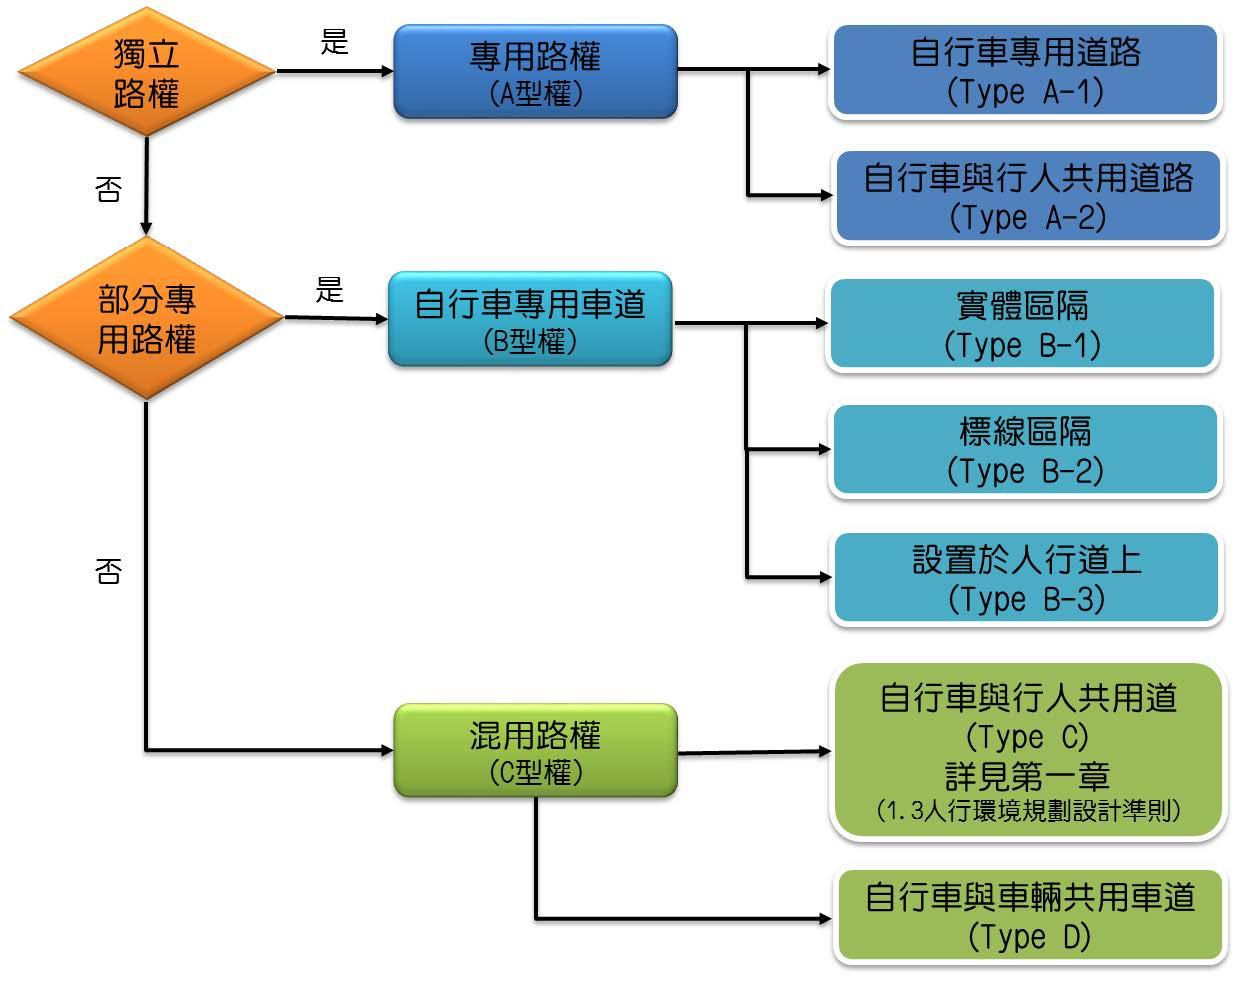 自行車道建置類型流程圖